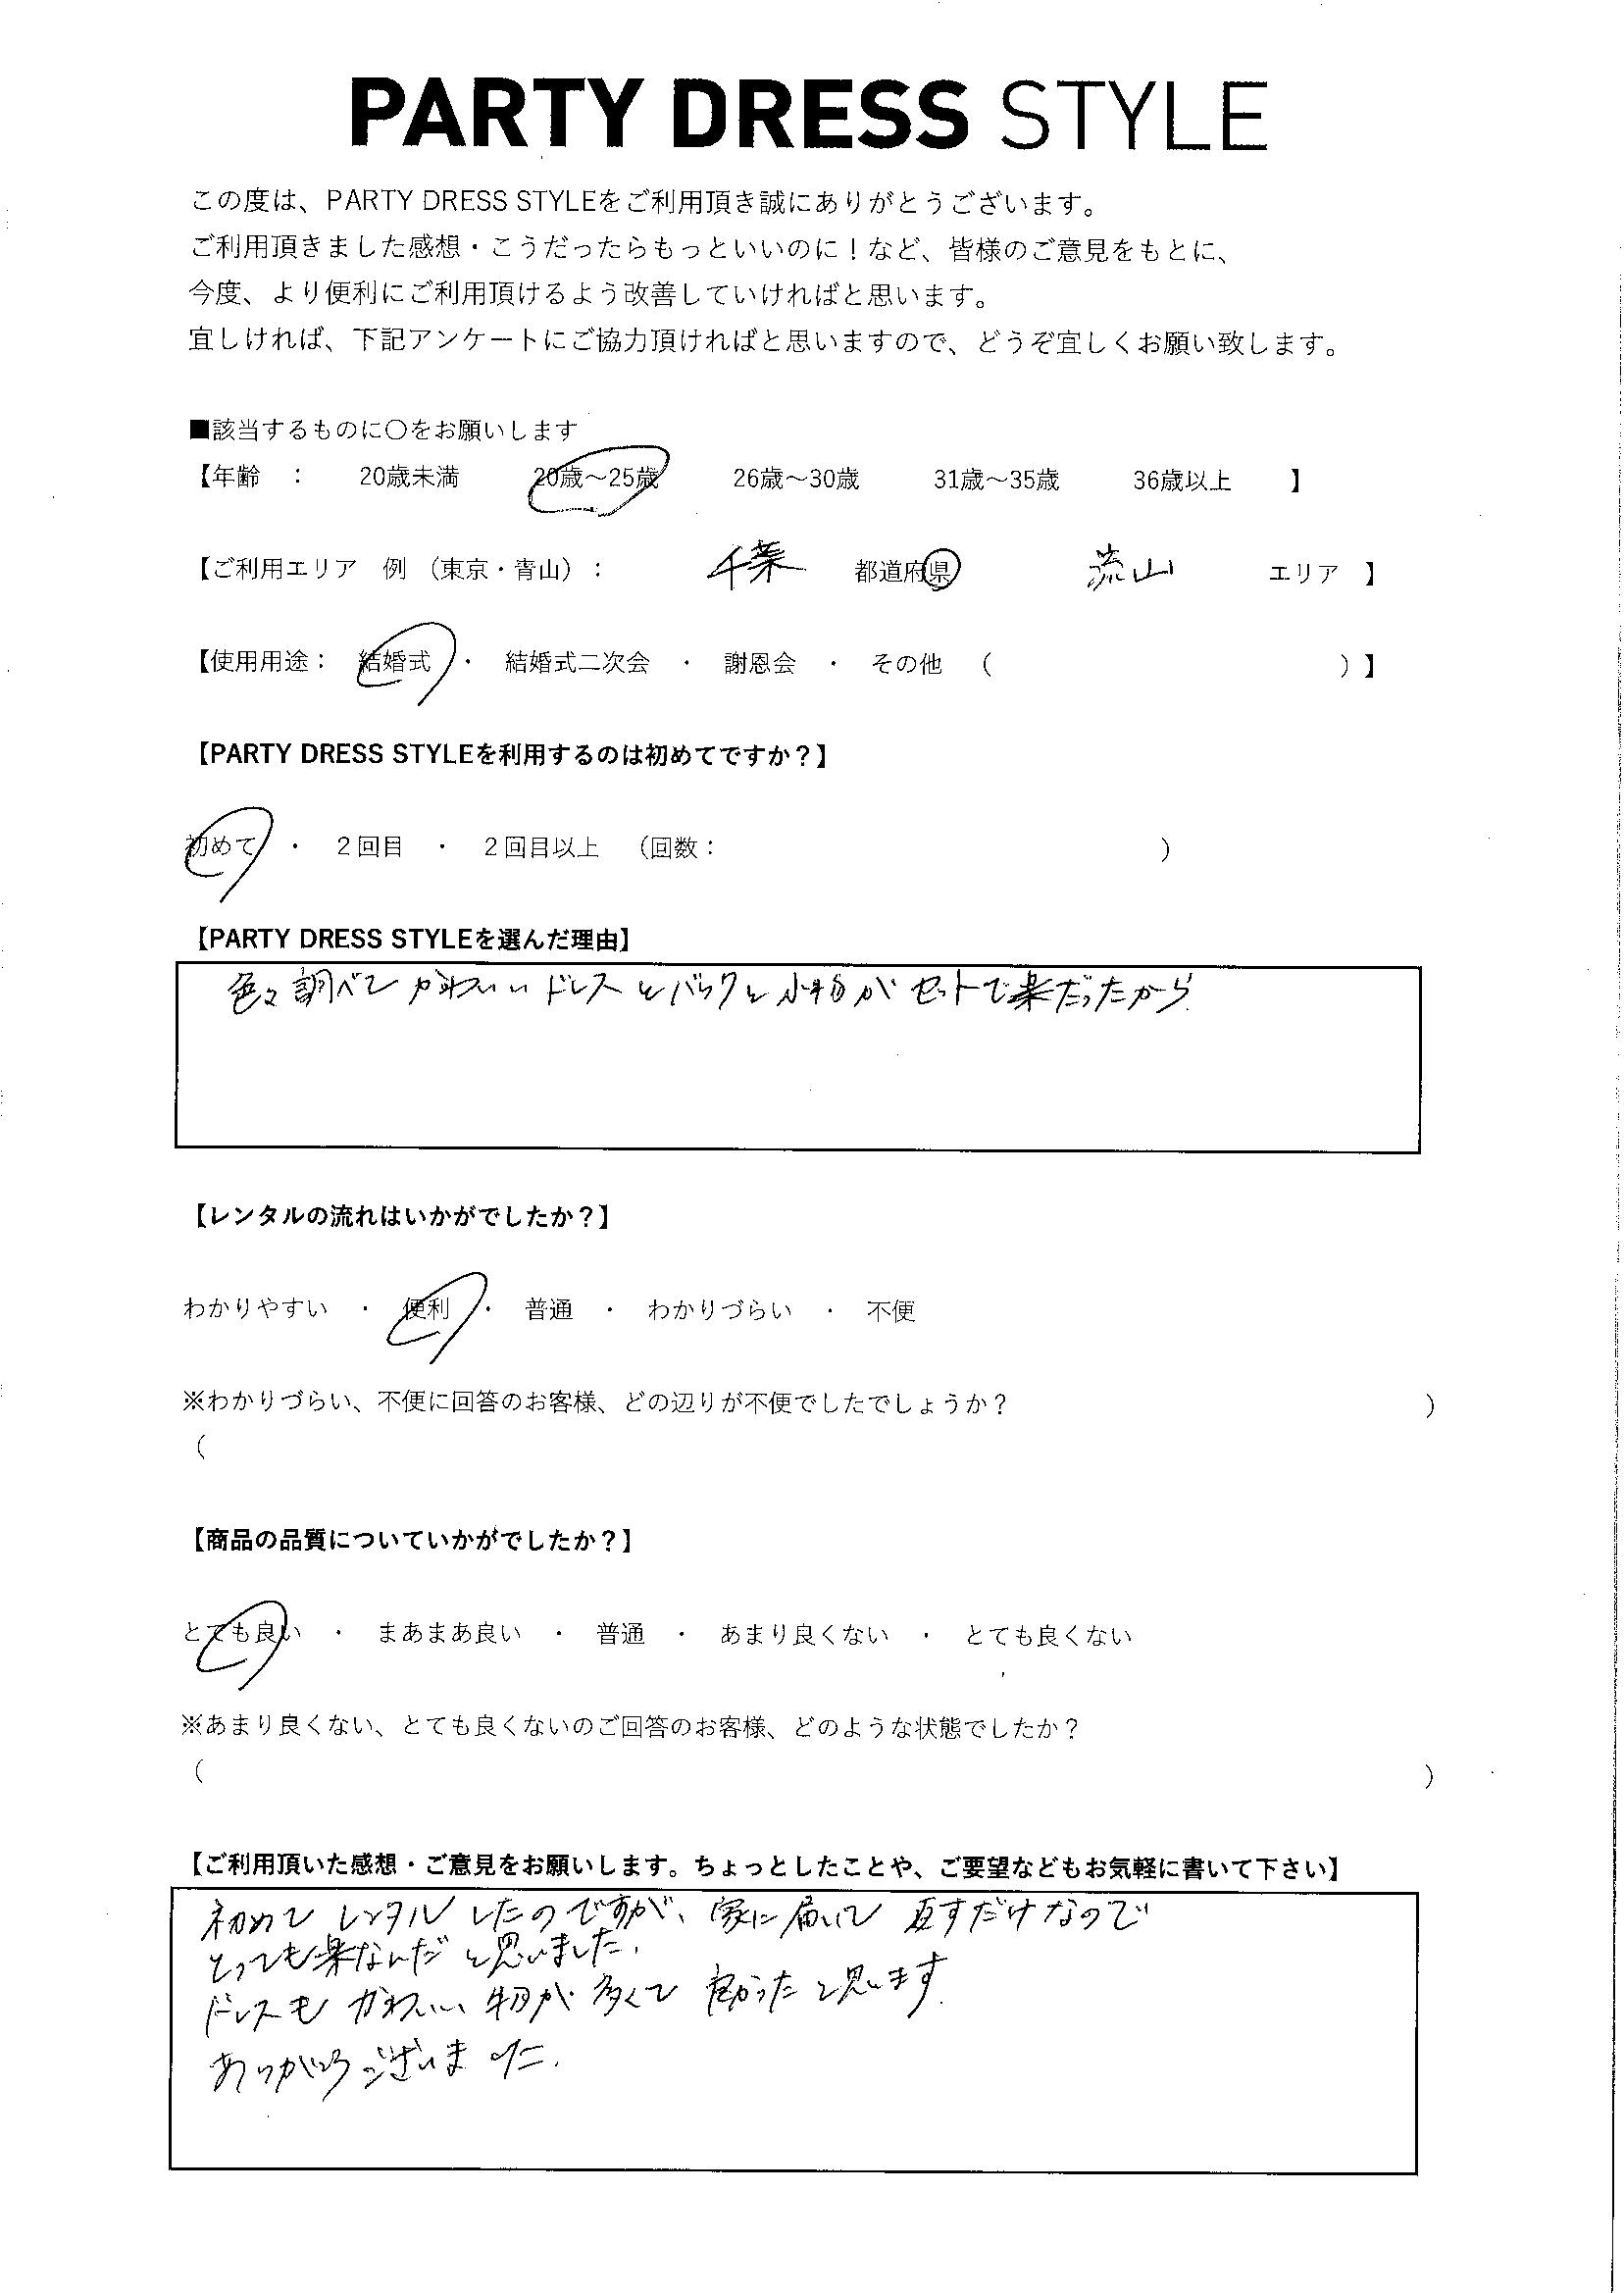 1/29結婚式ご利用 千葉・流山エリア